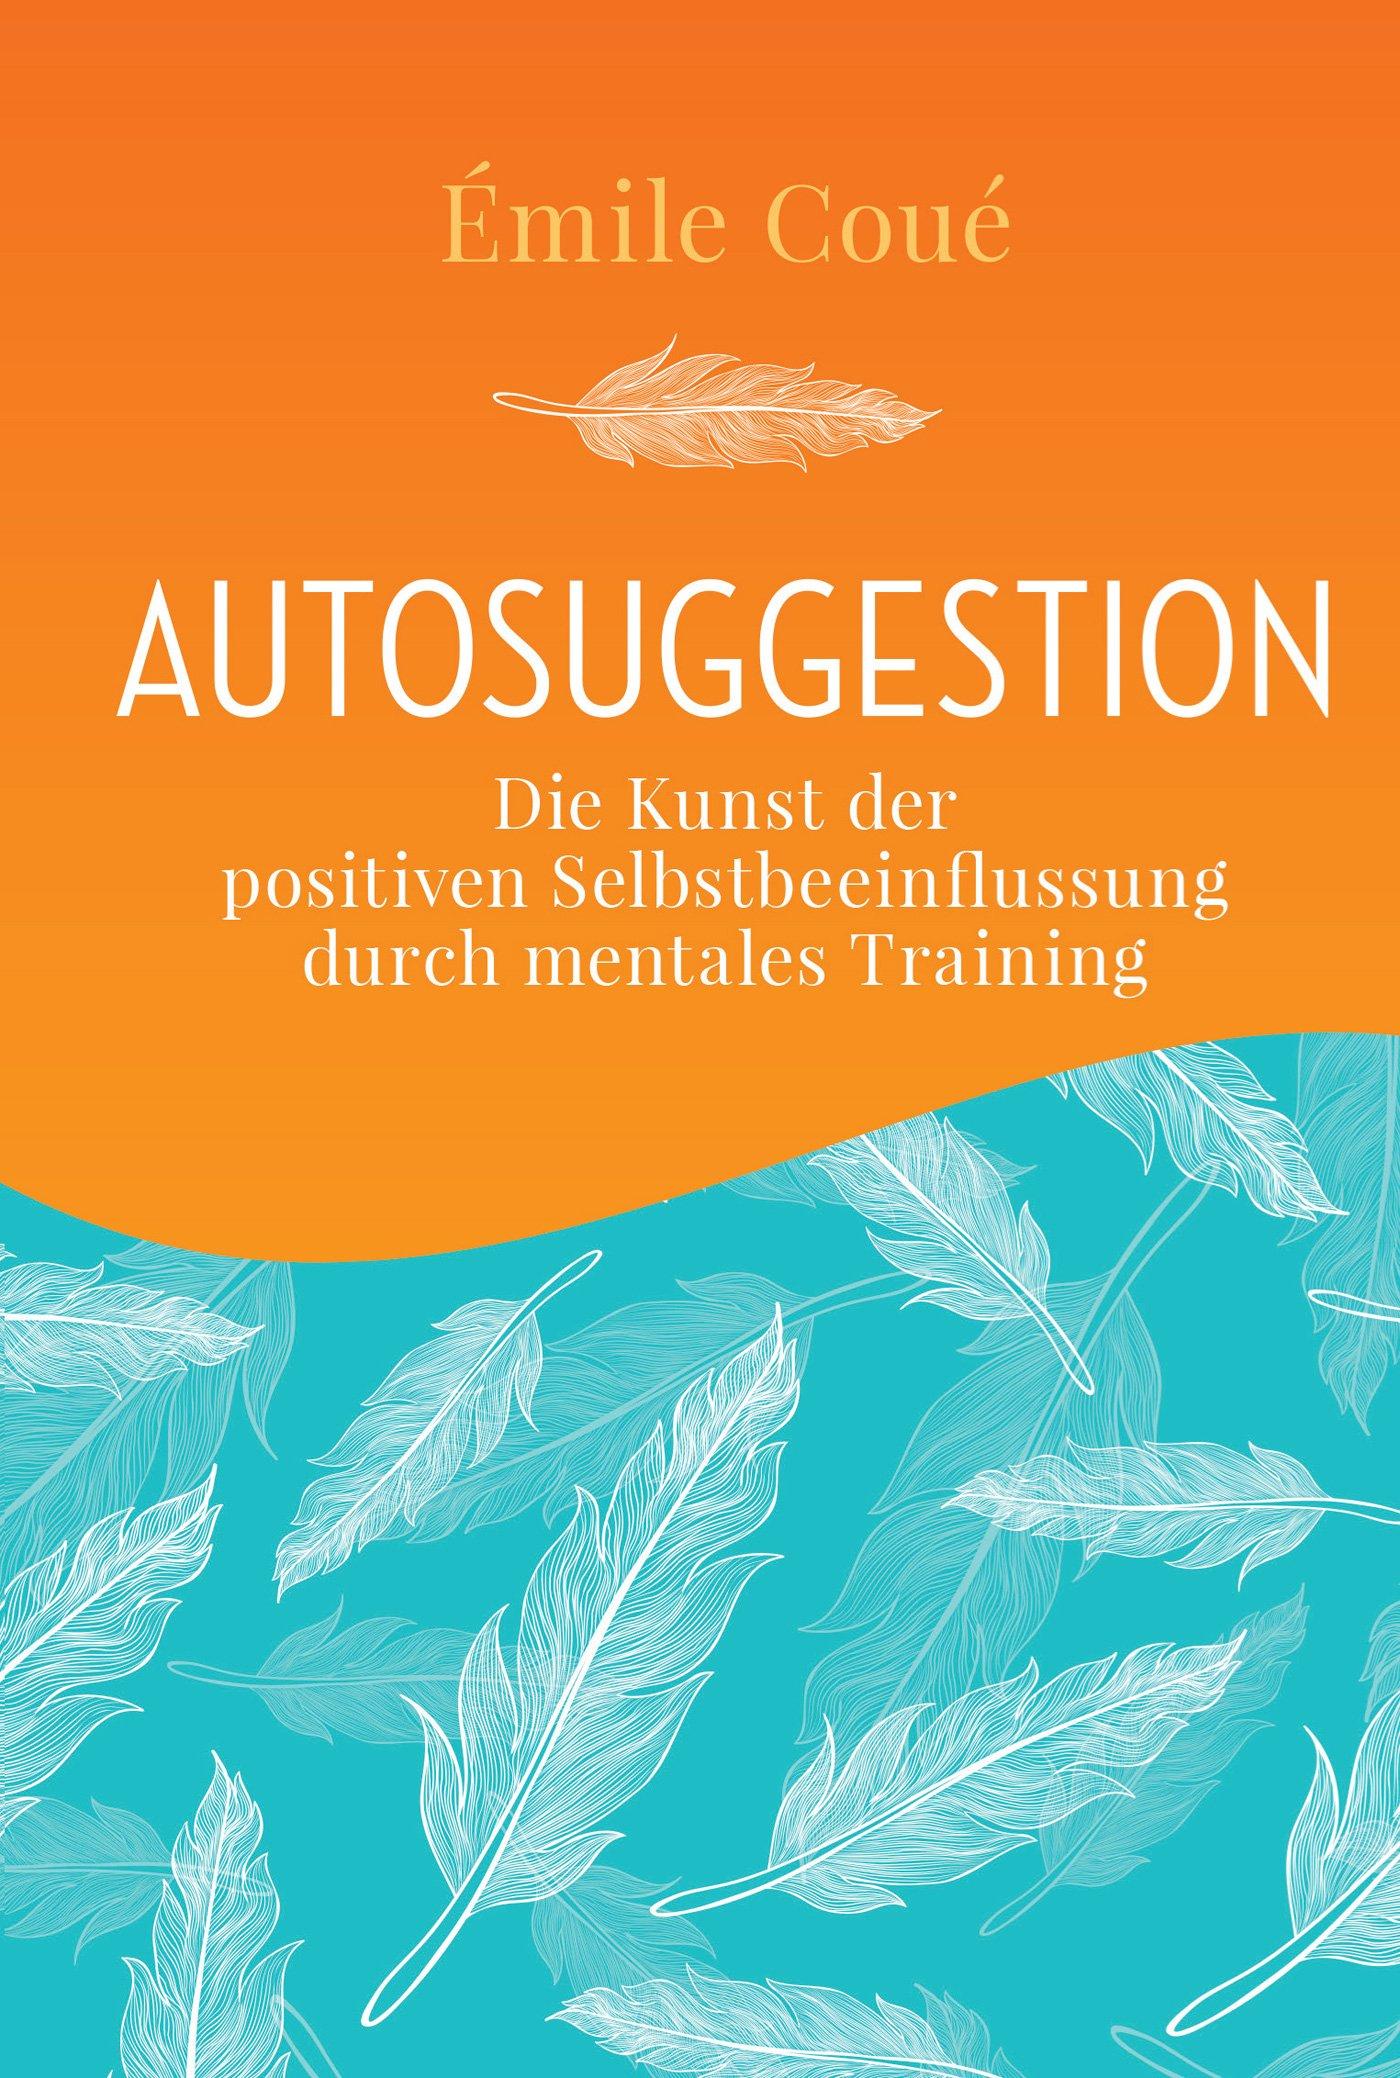 Autosuggestion: Die Kunst der positiver Selbstbeeinflussung durch mentales Training